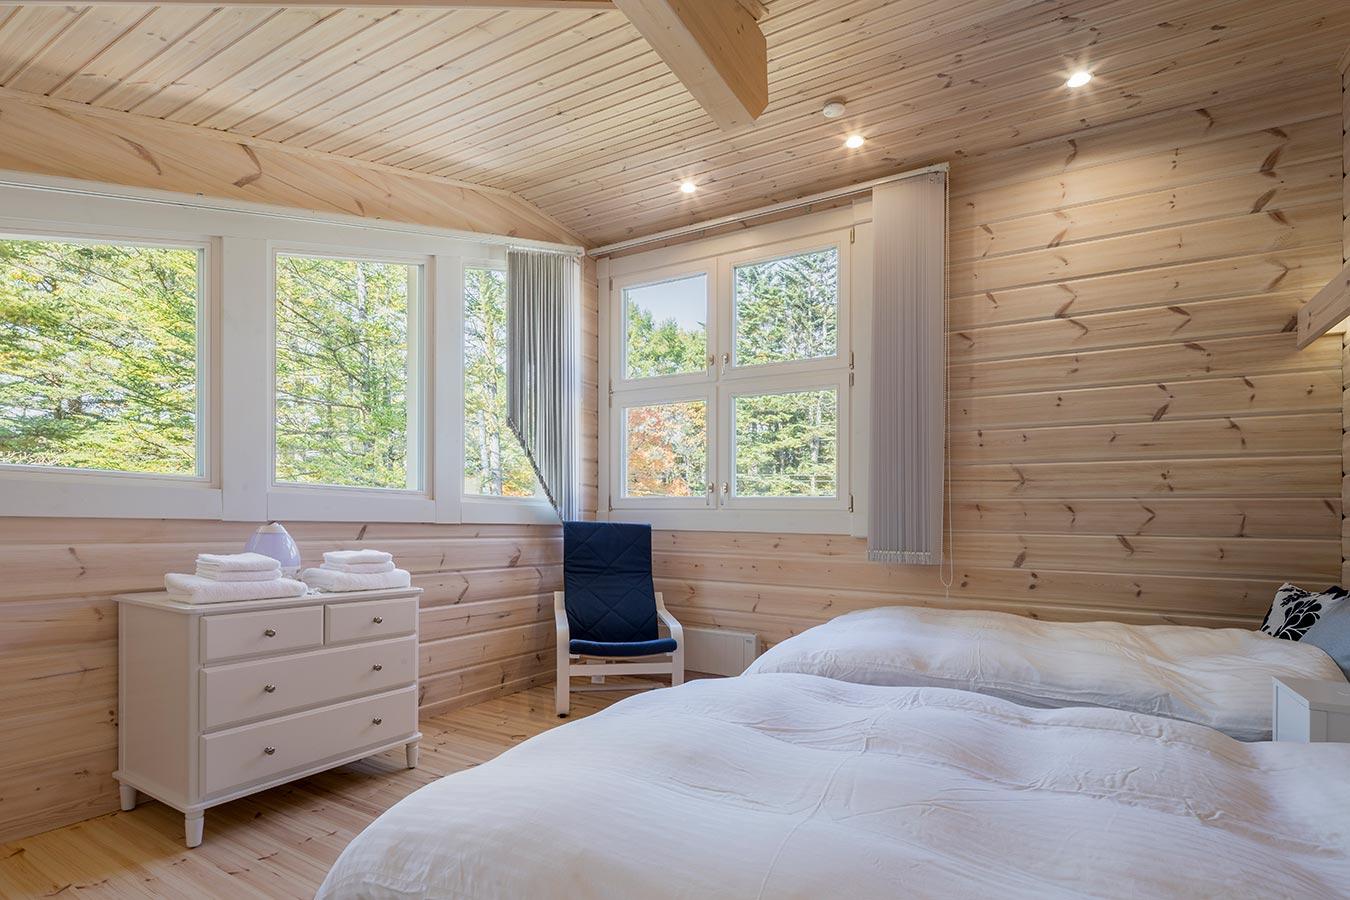 屋根の形に沿って設置されたデザイン窓から望む景色